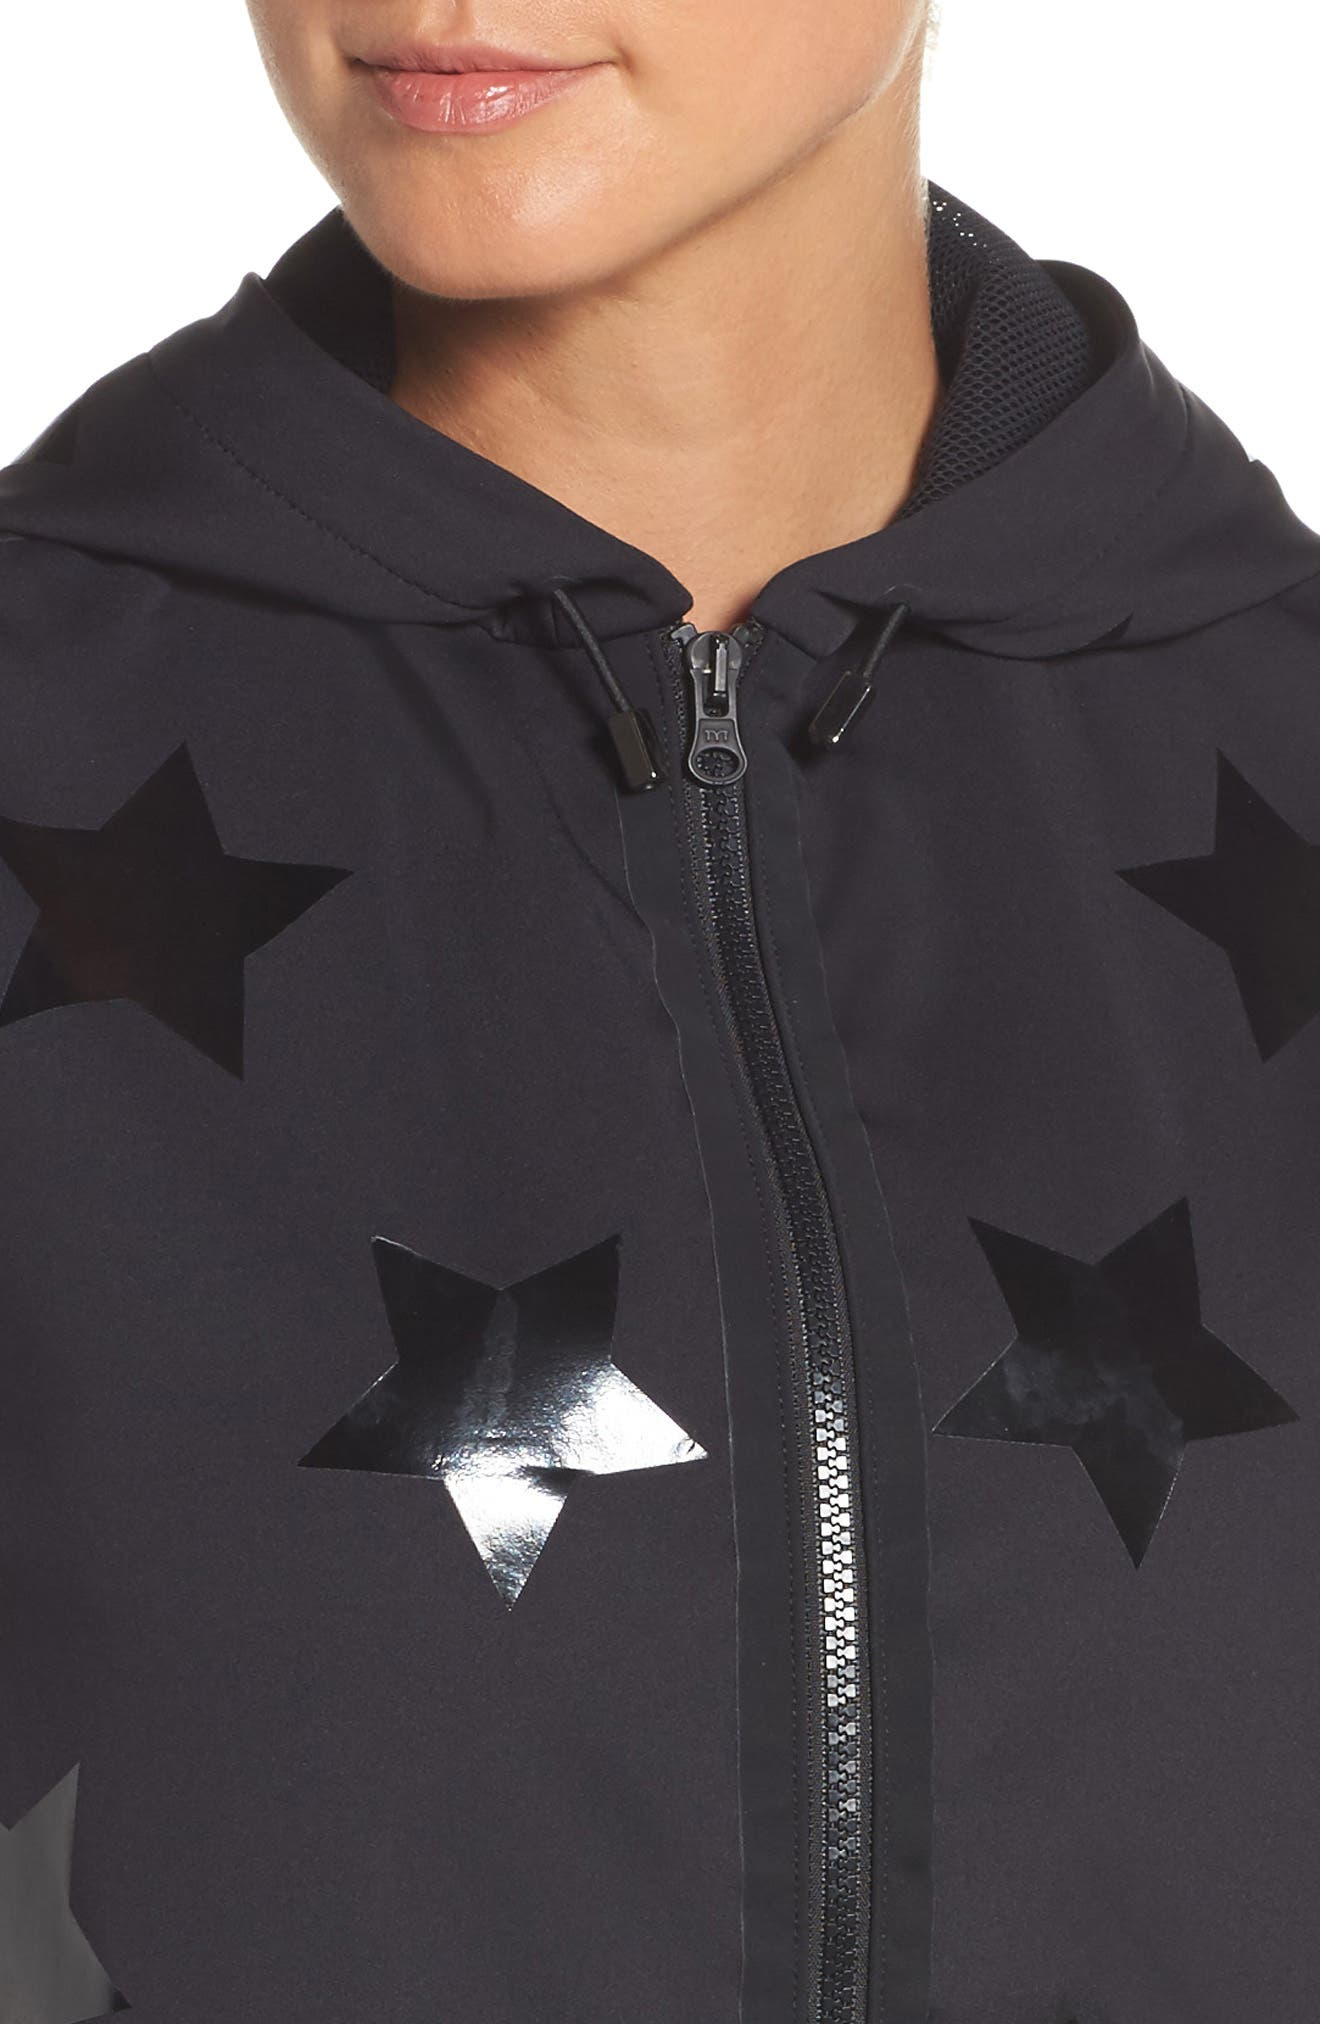 Flux Knockout Hoodie Vest,                             Alternate thumbnail 4, color,